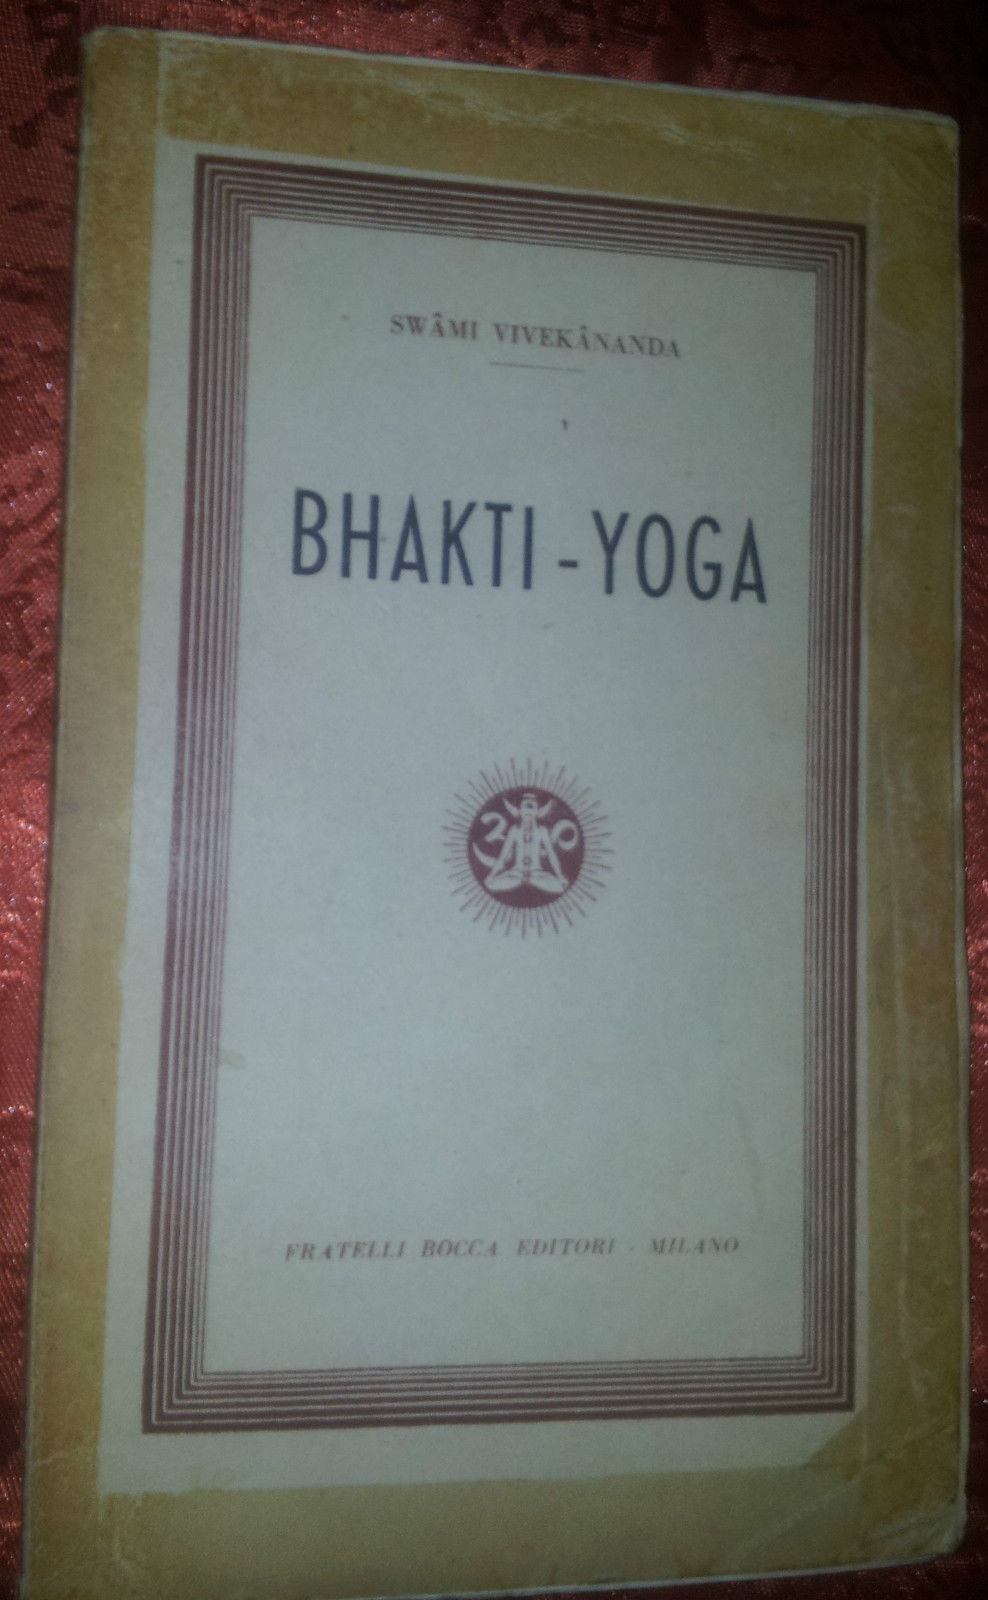 Bhakti - Yoga